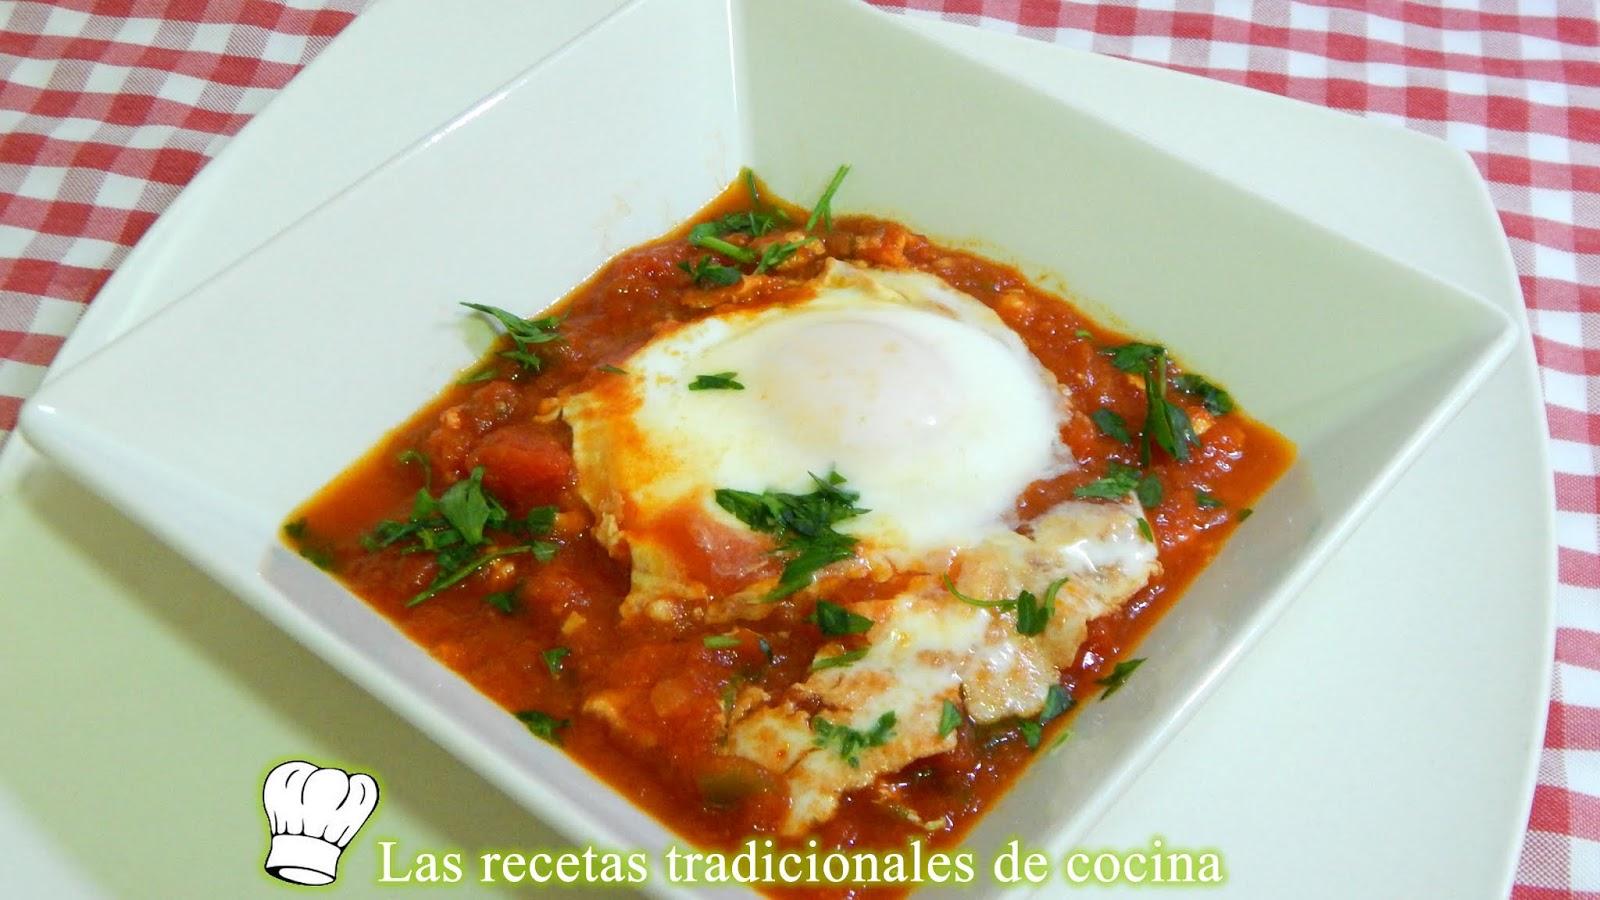 Huevos Pobres Con Tomates Una Receta Tradicional, Fácil Y Económica